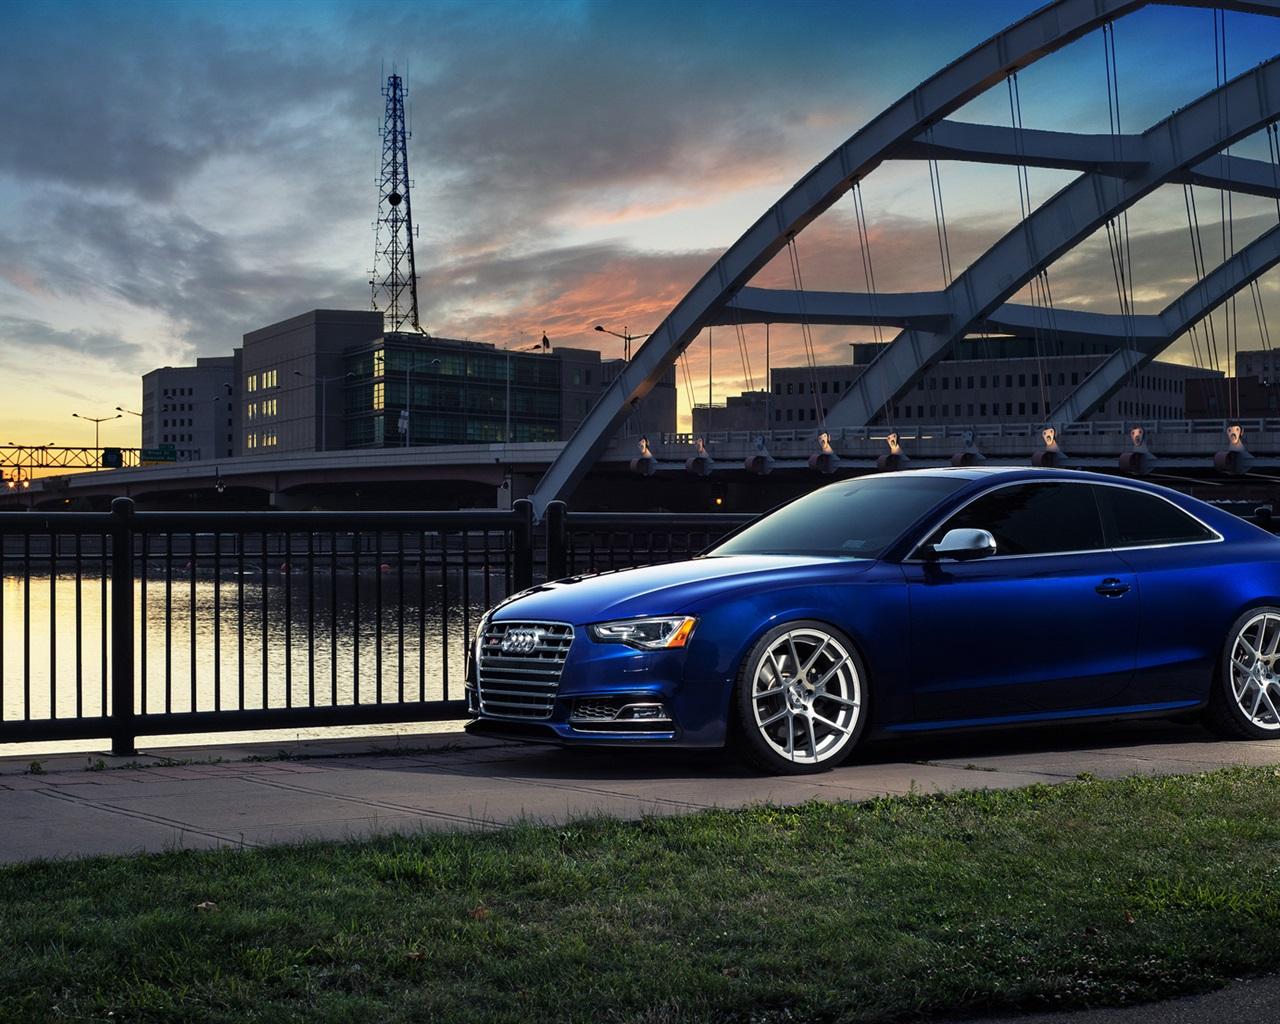 Fonds d'écran Audi S5 voiture bleue en ville 1920x1200 HD ...